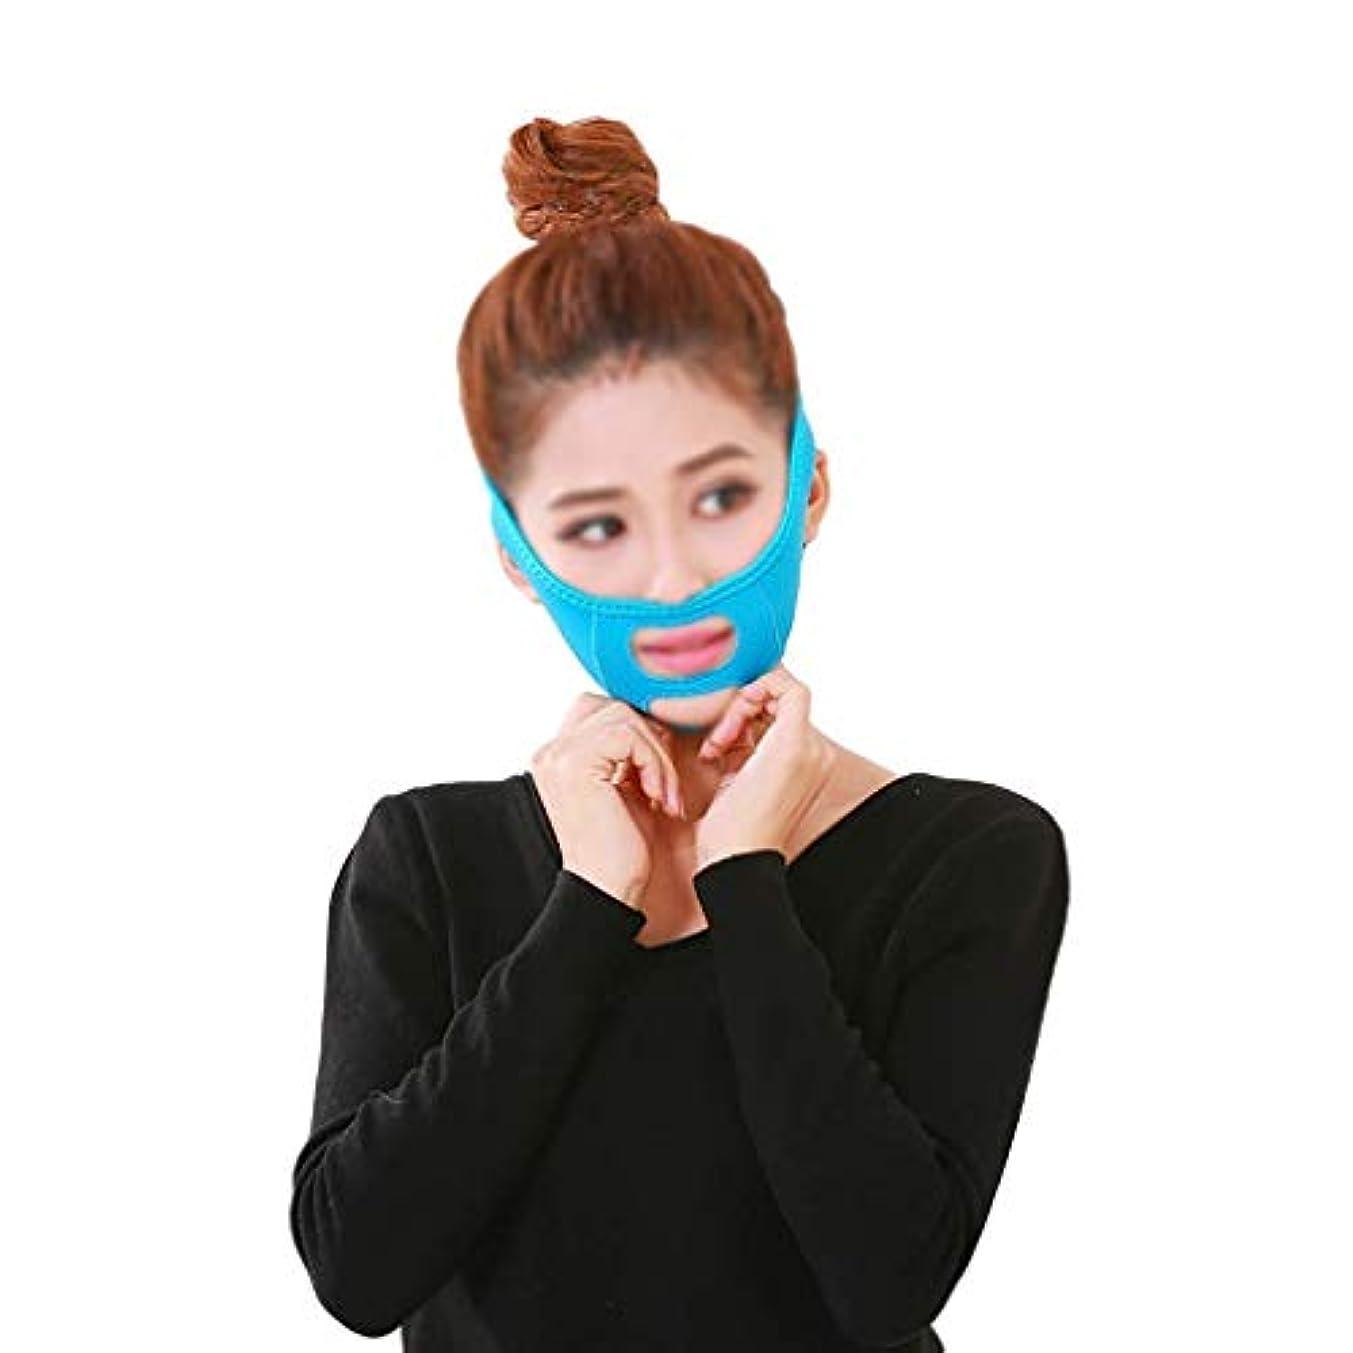 診療所政治家のうめき声フェイスリフトフェイシャル、肌のリラクゼーションを防ぐためのタイトなVフェイスマスクVフェイスアーティファクトフェイスリフトバンデージフェイスケア(色:青)